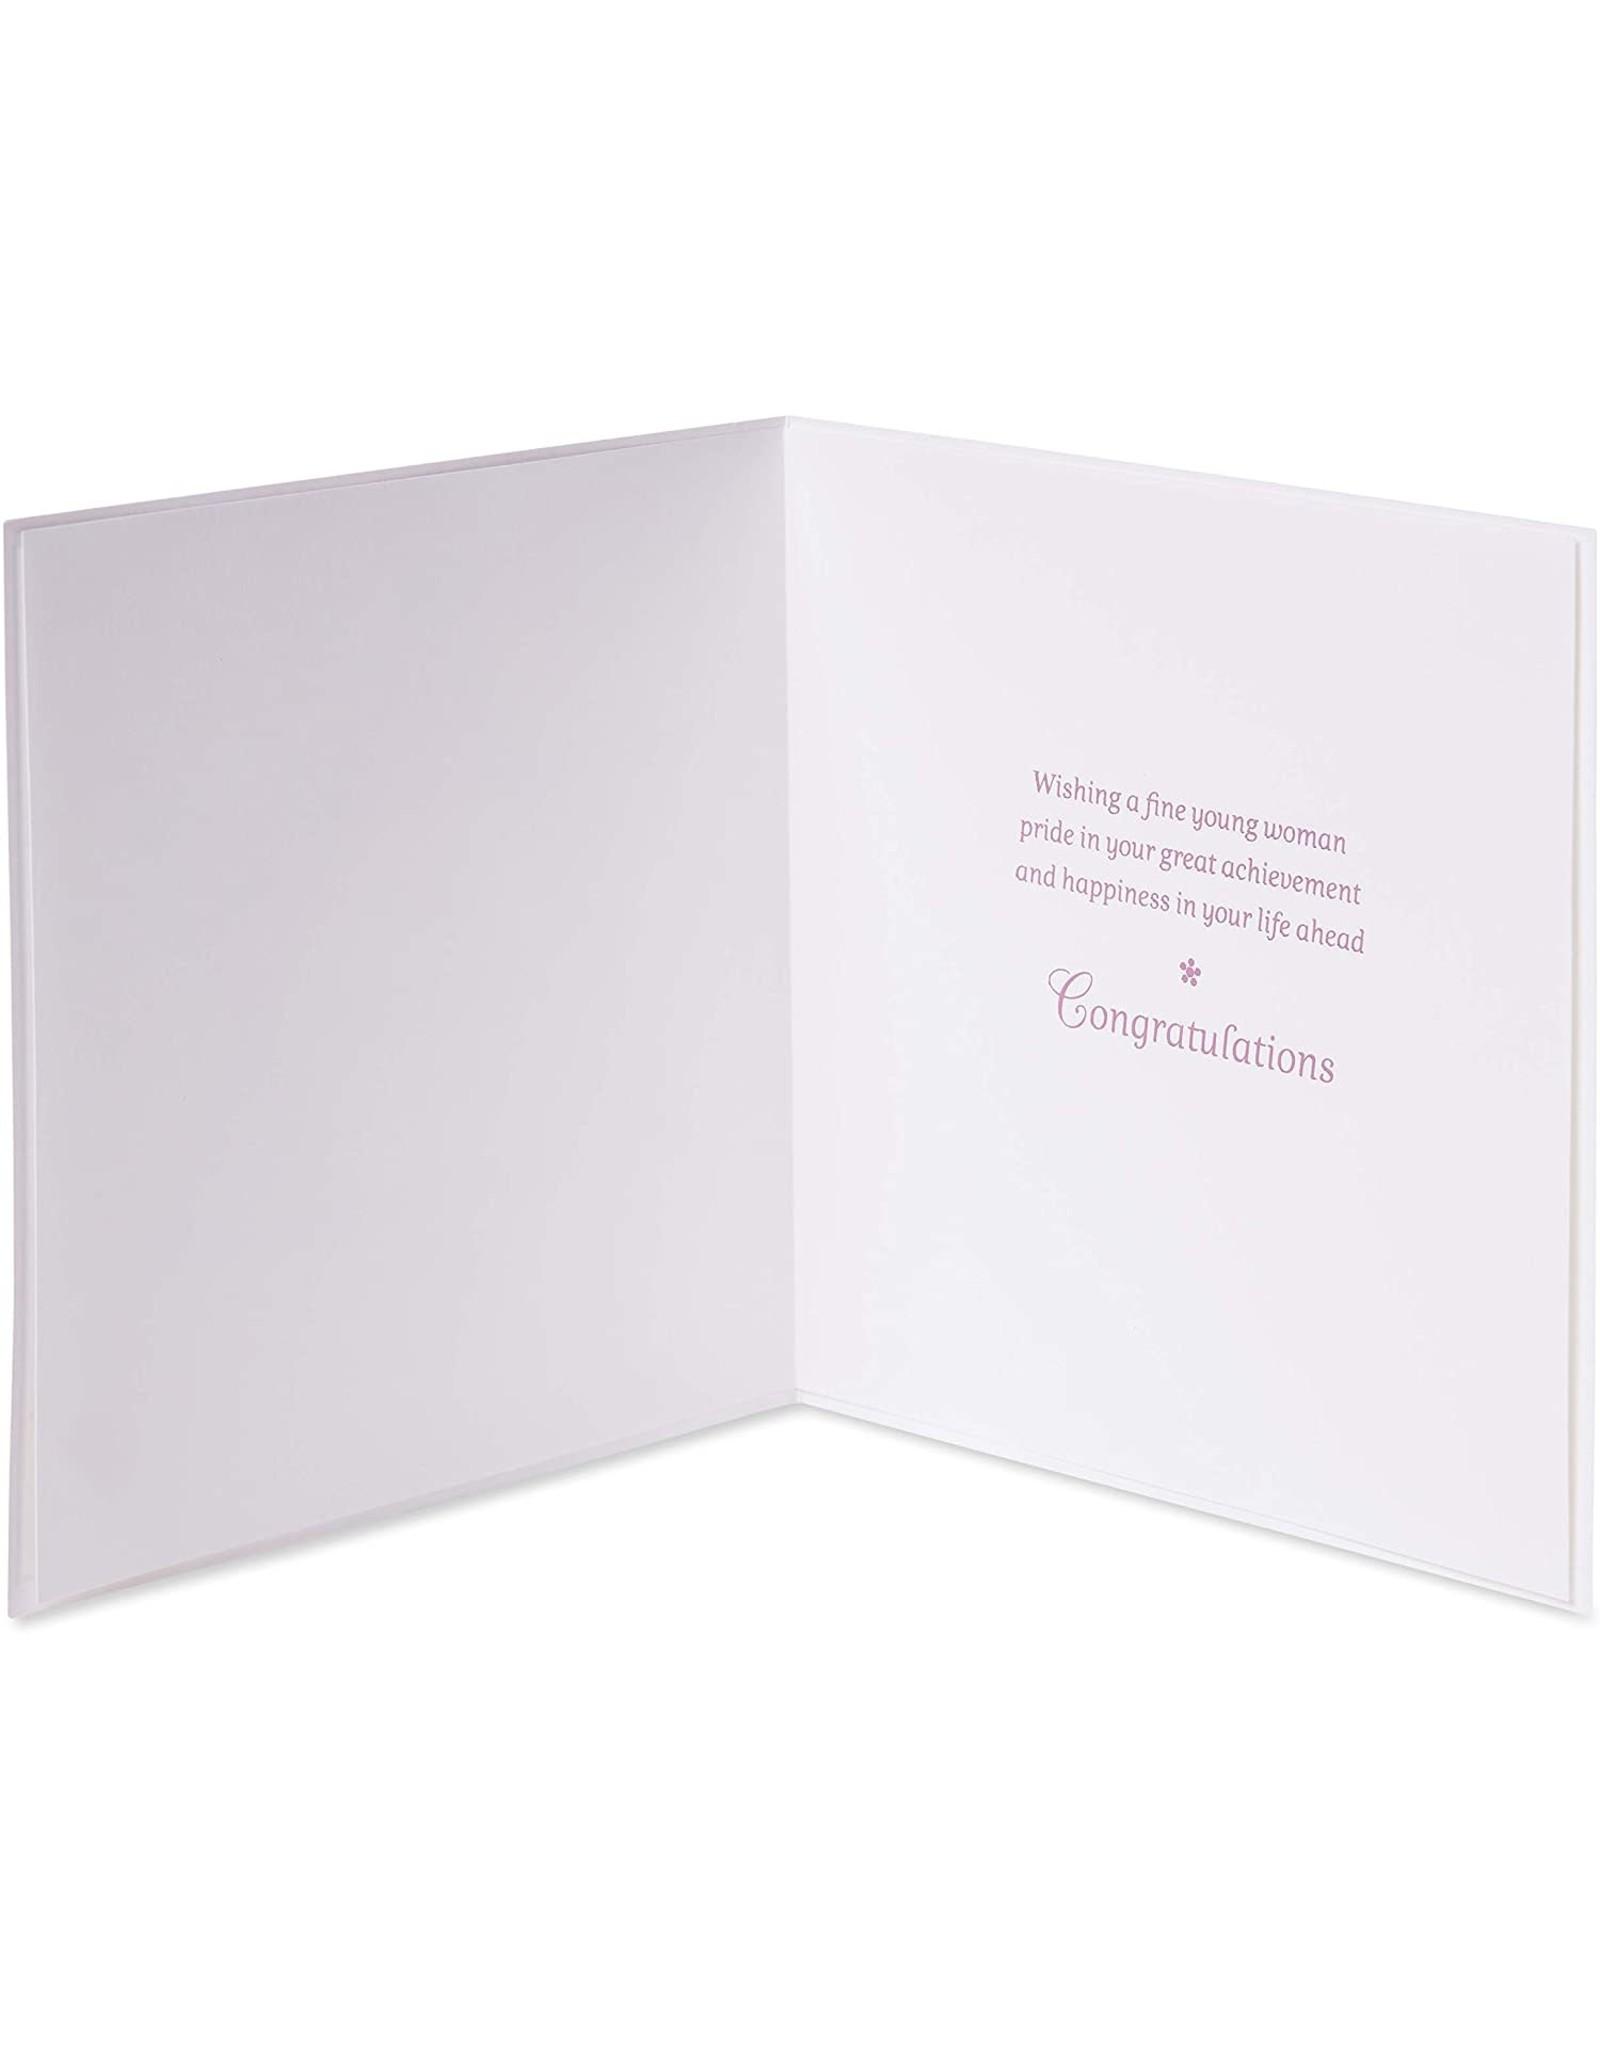 PAPYRUS® Bat Mitzvah Cards Fine Young Woman Bat Mitzvah Card